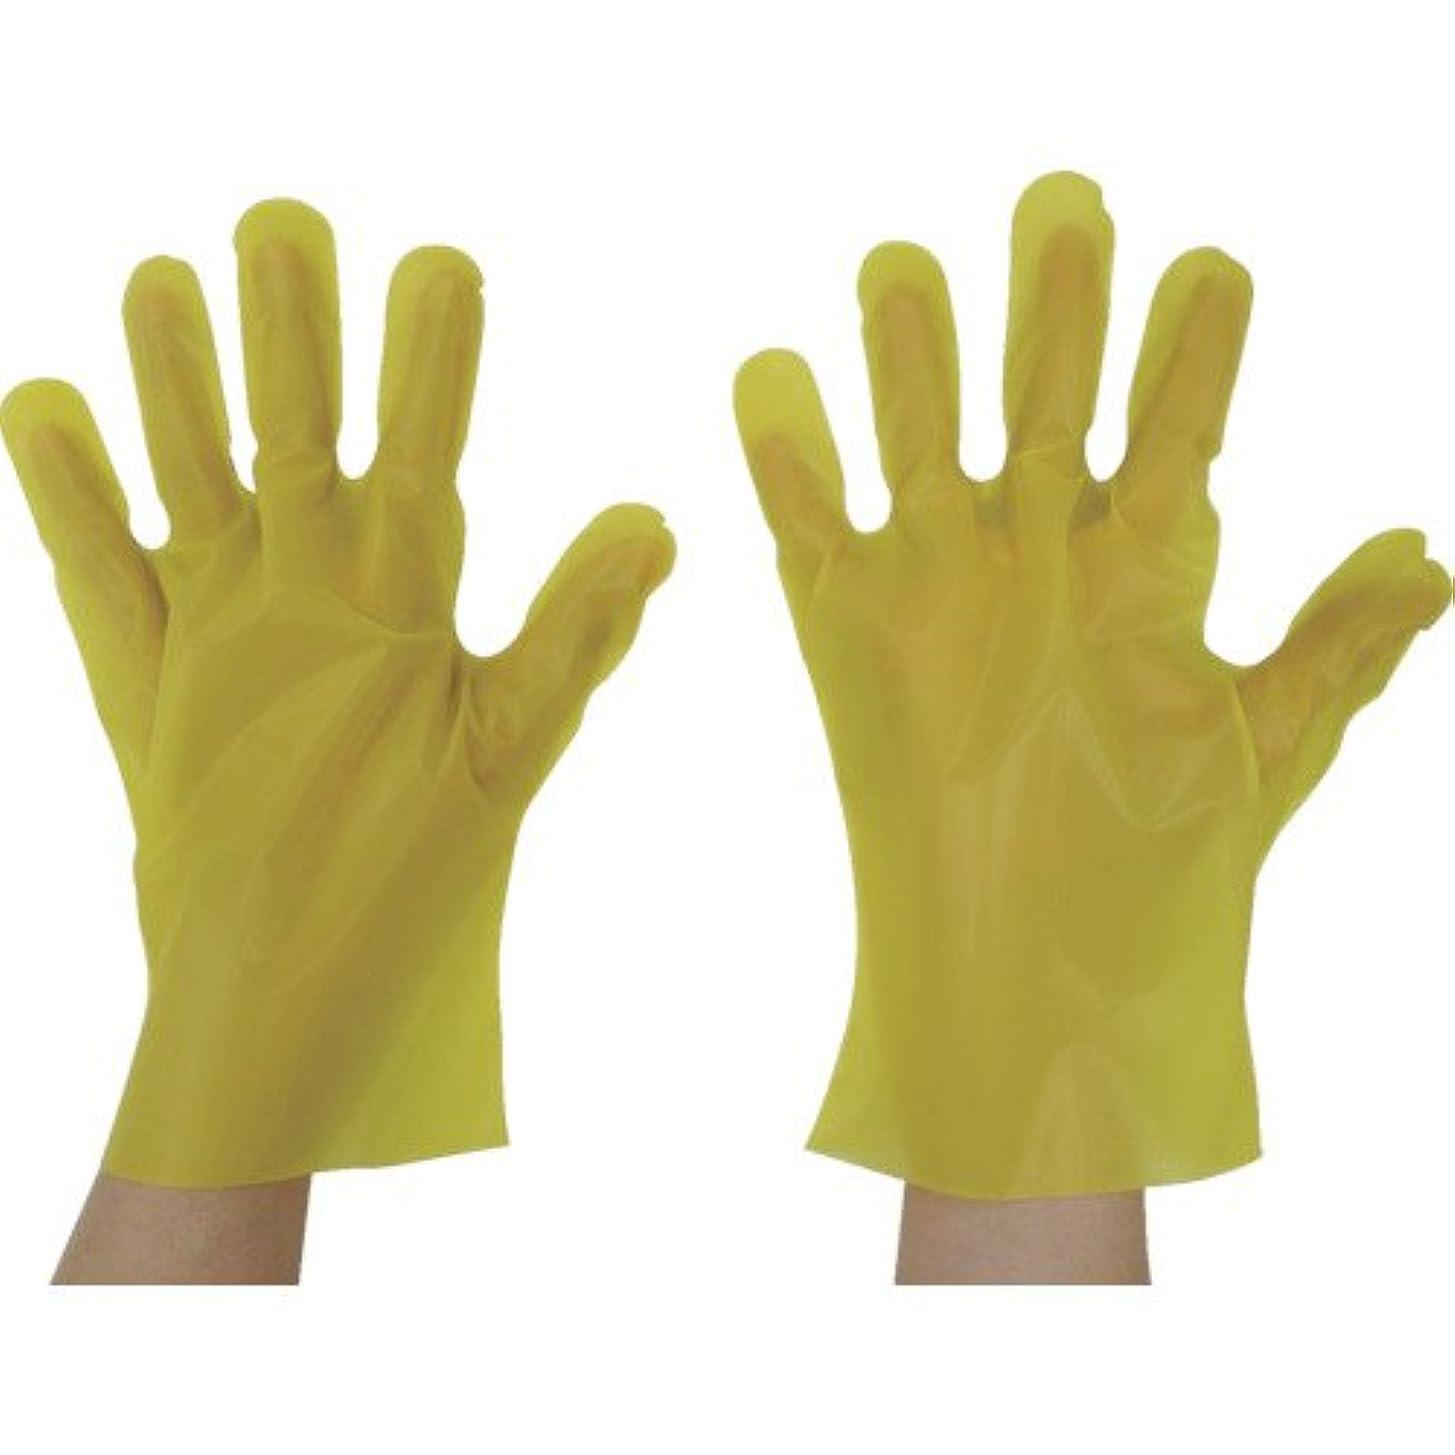 教授プラットフォームオーバードロー東京パック エンボス手袋五本絞りエコノミー化粧箱M イエロー(入数:200枚) YEK-M